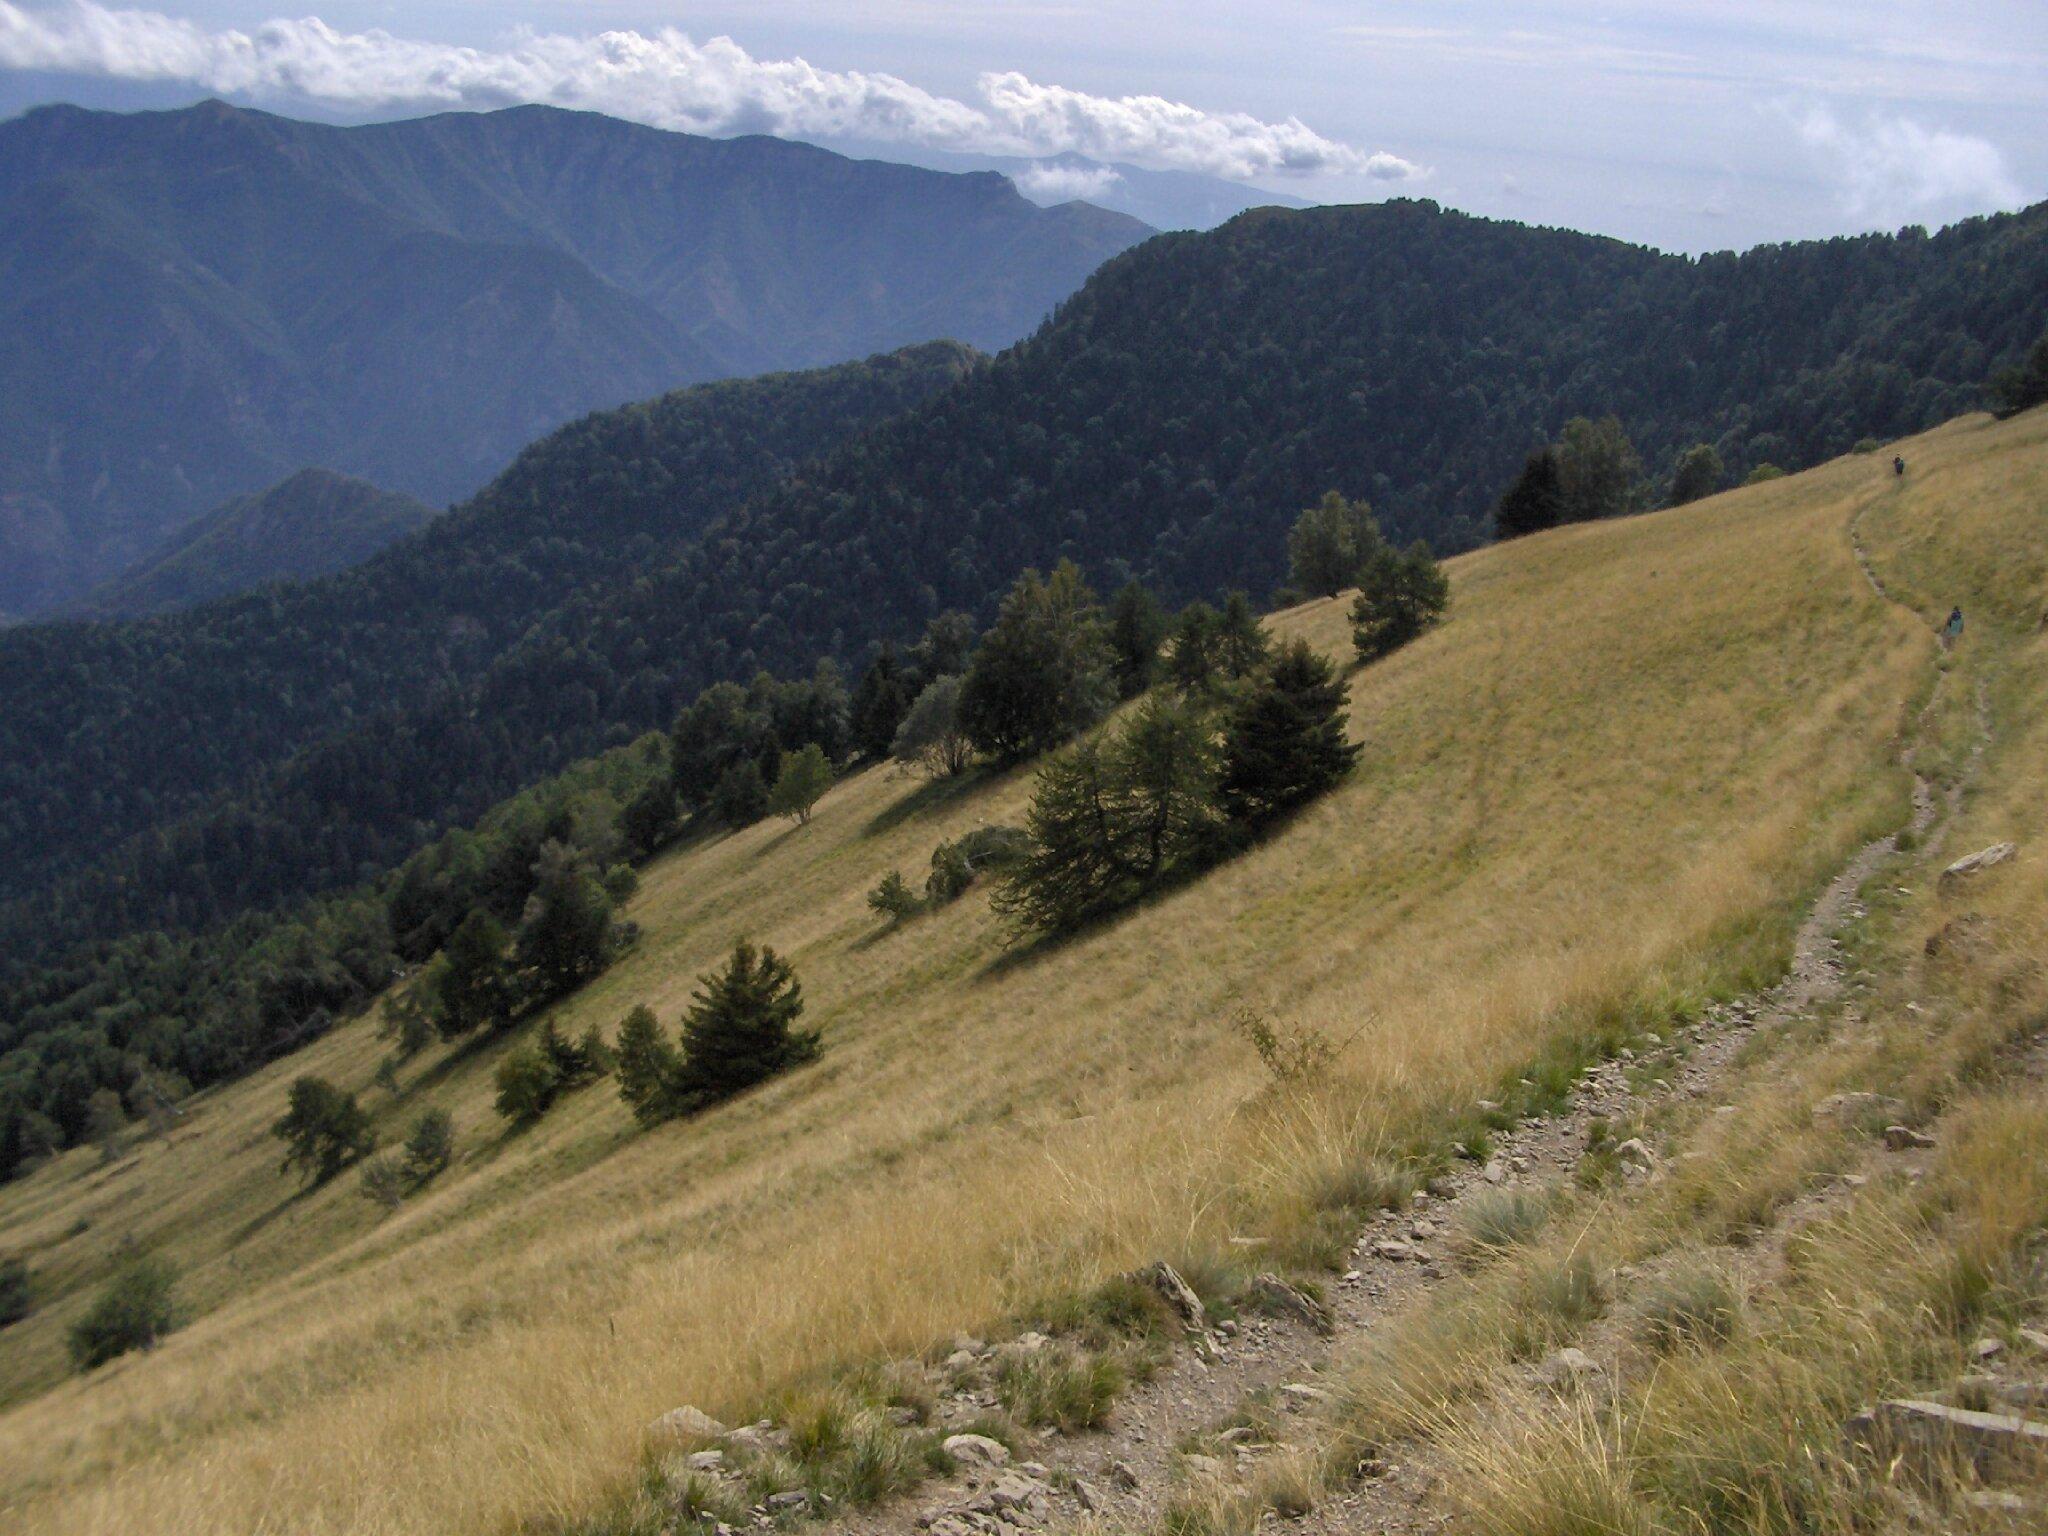 2015/14 Randonnée au massif de l'Authion